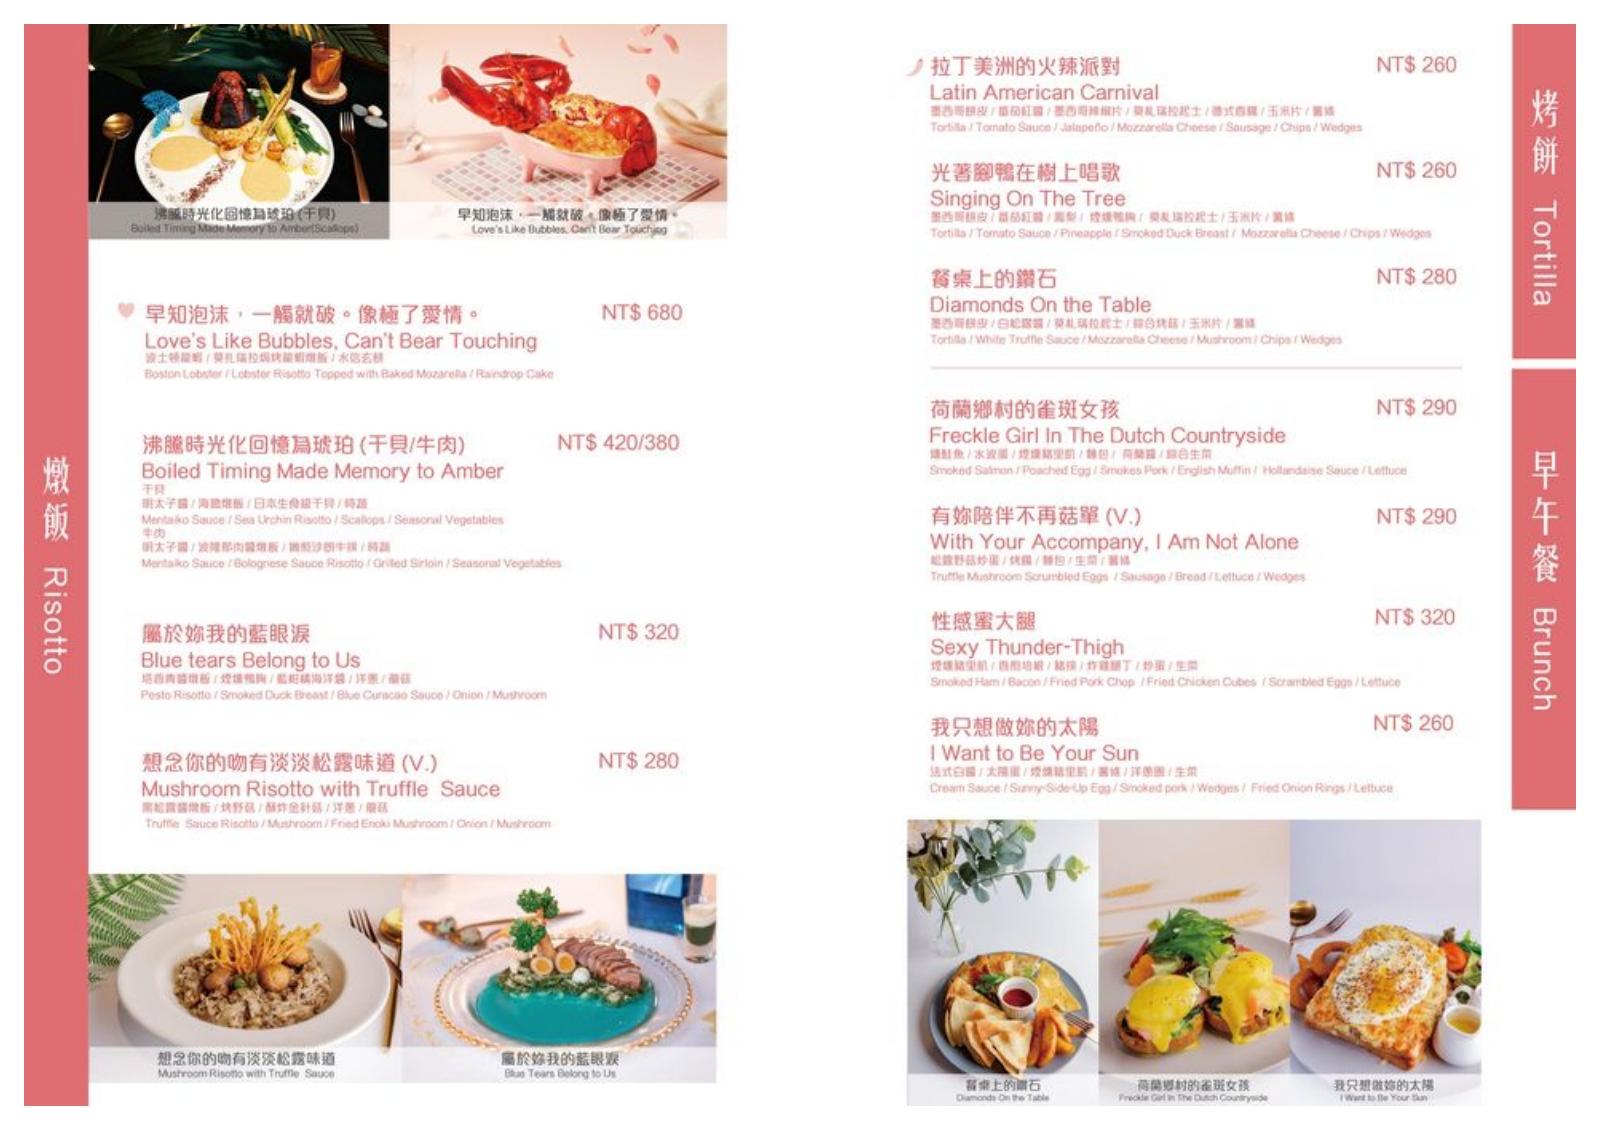 台北美食 BFF Gossip Brunch 華麗系餐點 公館早午餐推薦